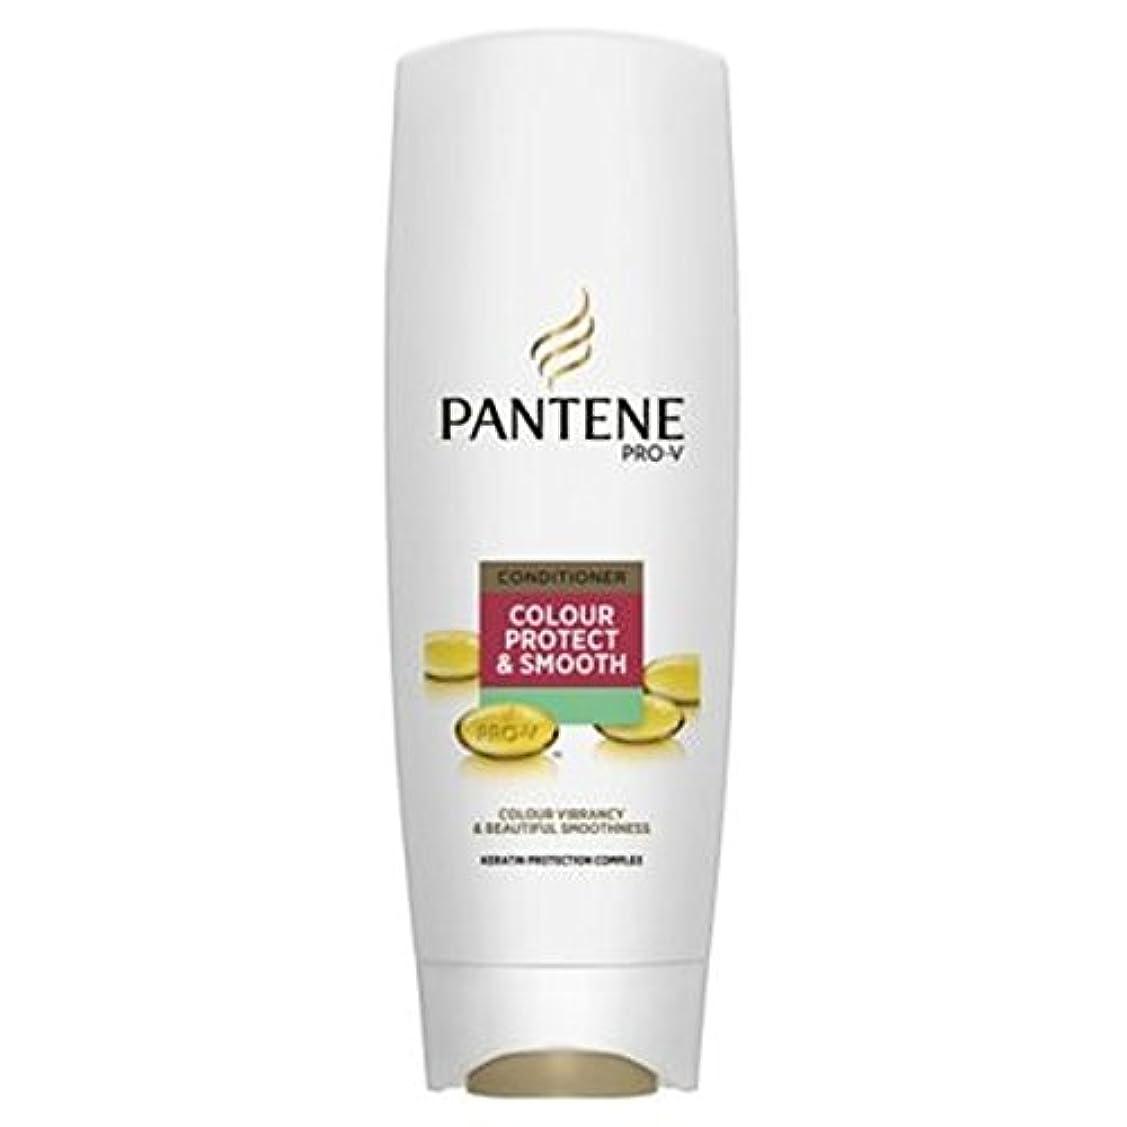 願望十母パンテーンプロVの色保護&スムーズコンディショナー360ミリリットル (Pantene) (x2) - Pantene Pro-V Colour Protect & Smooth Conditioner 360ml (Pack of 2) [並行輸入品]